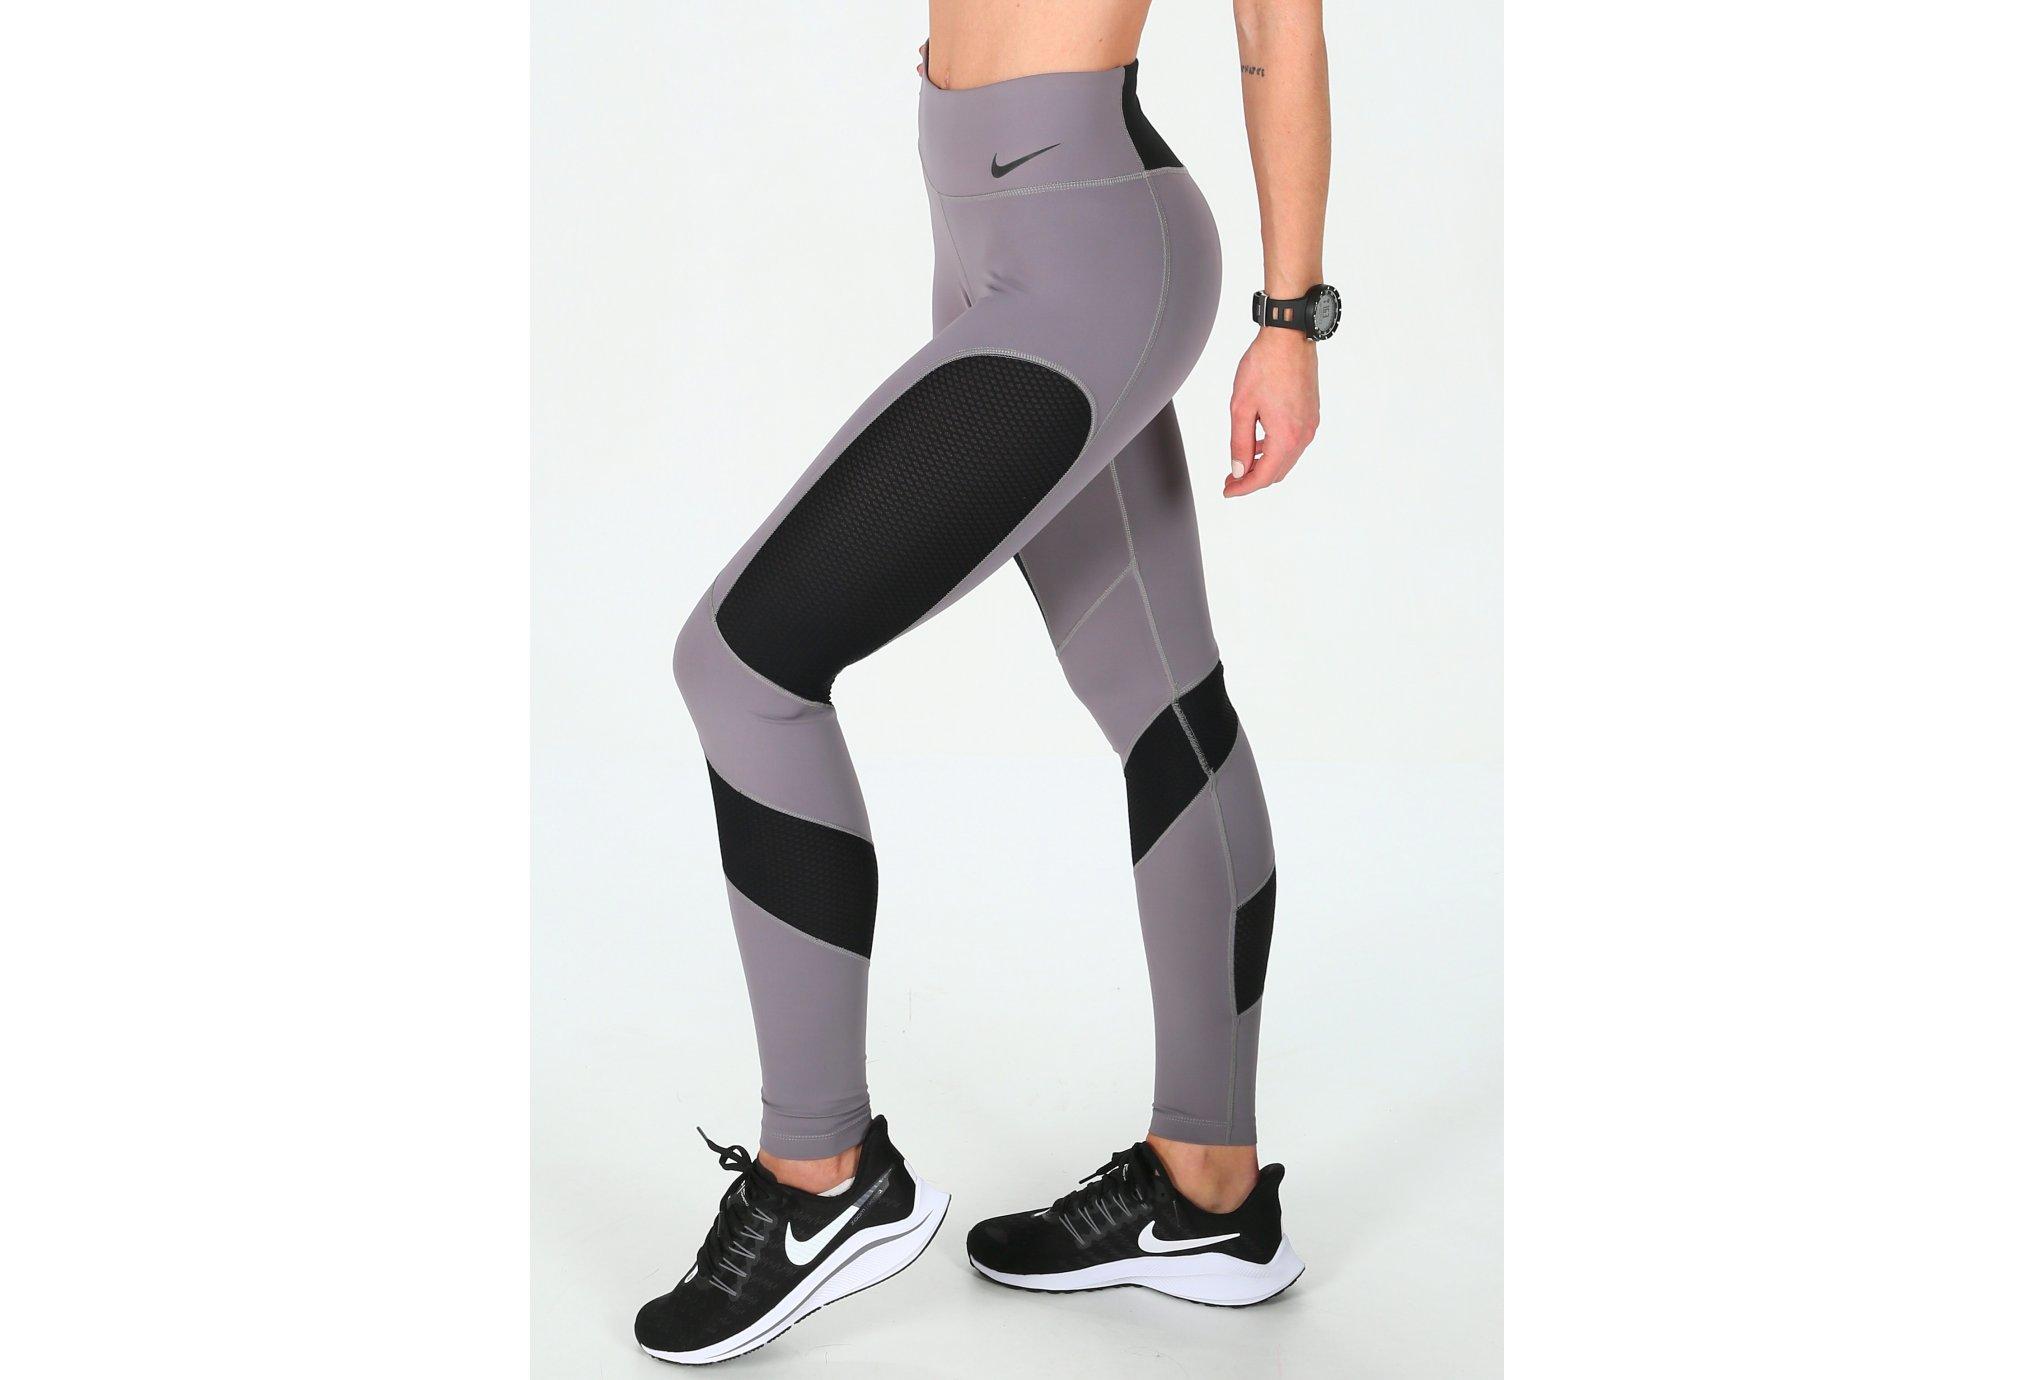 Nike Power W Diététique Vêtements femme